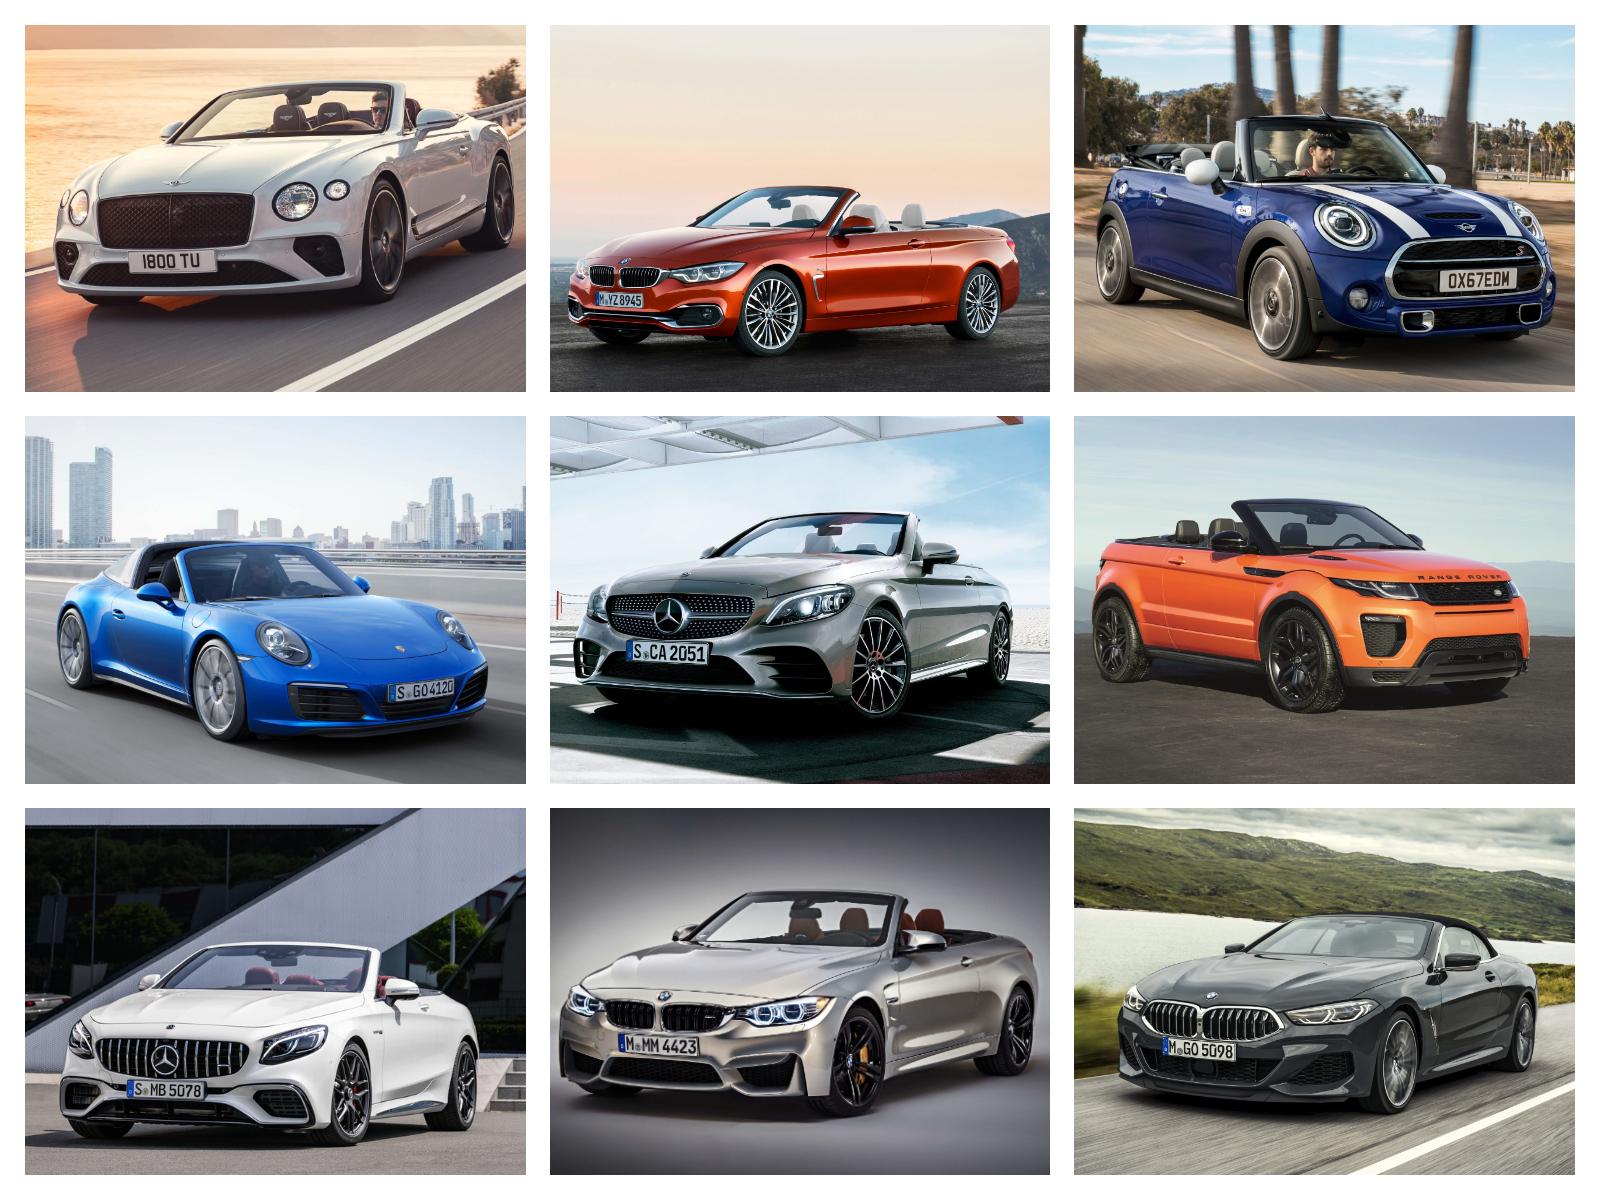 新車で買えるおすすめ4人乗りオープンカー一覧2019年最新情報 | MOBY [モビー]